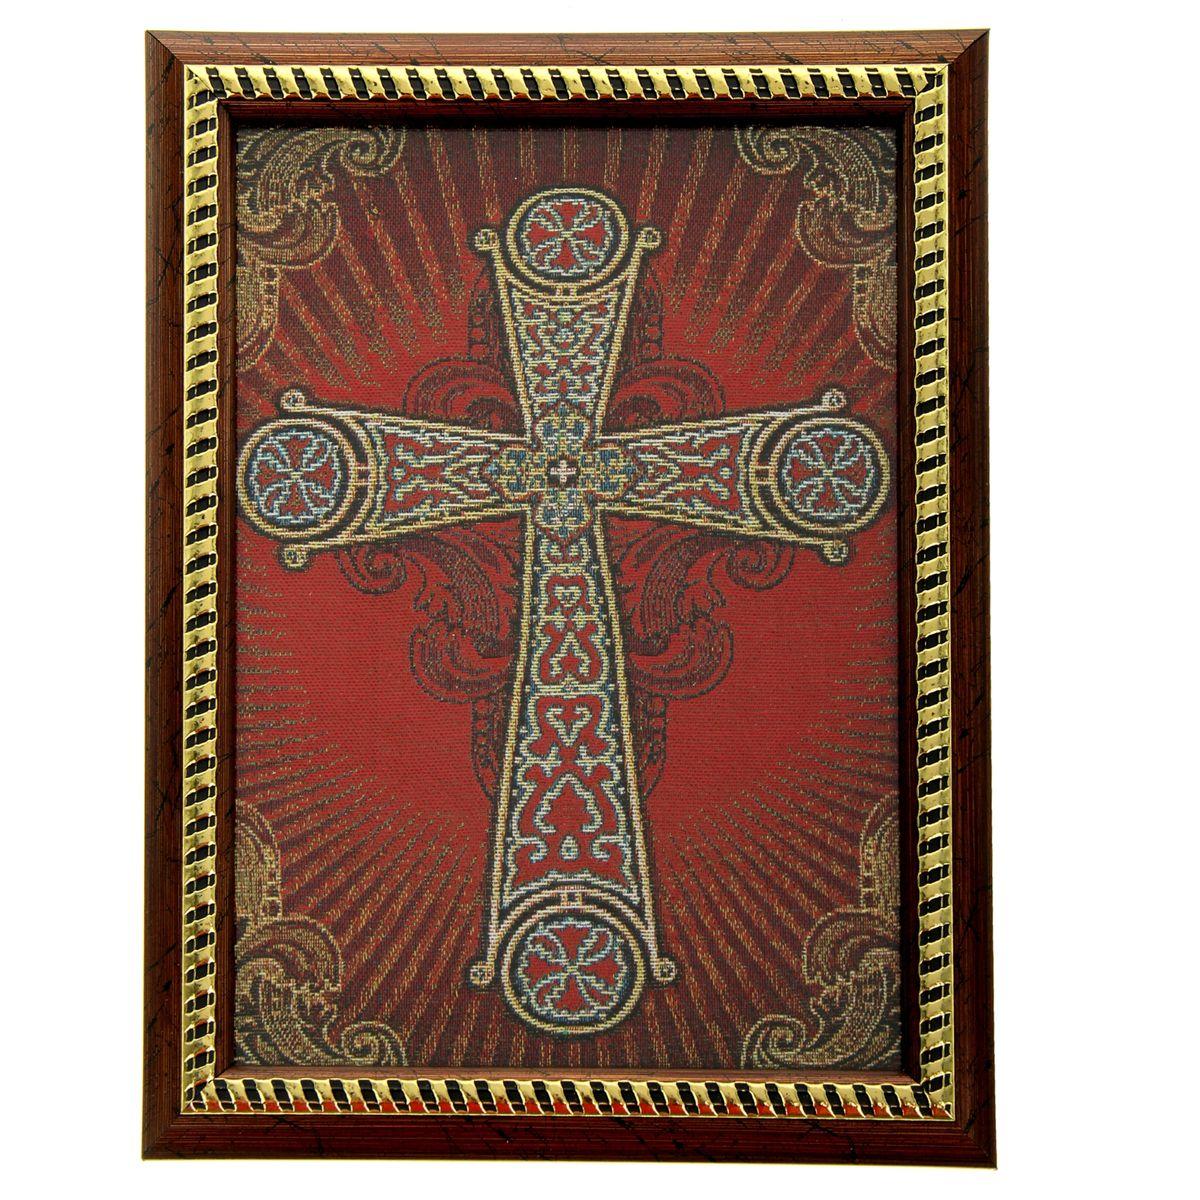 Икона в рамке Корсунский крест, 21 см х 27,5 см54 009312Икона Корсунский крест представляет собой святое изображение, вытканное на ткани и вставленное в деревянную рамку со стеклом. На обратной стороне иконы есть подставка, поэтому удобно располагать такую икону на столе. Икона полностью соответствует канонам Русской Православной Церкви. Икона выглядит по-настоящему богатой. Такая икона будет прекрасным подарком с духовной составляющей.